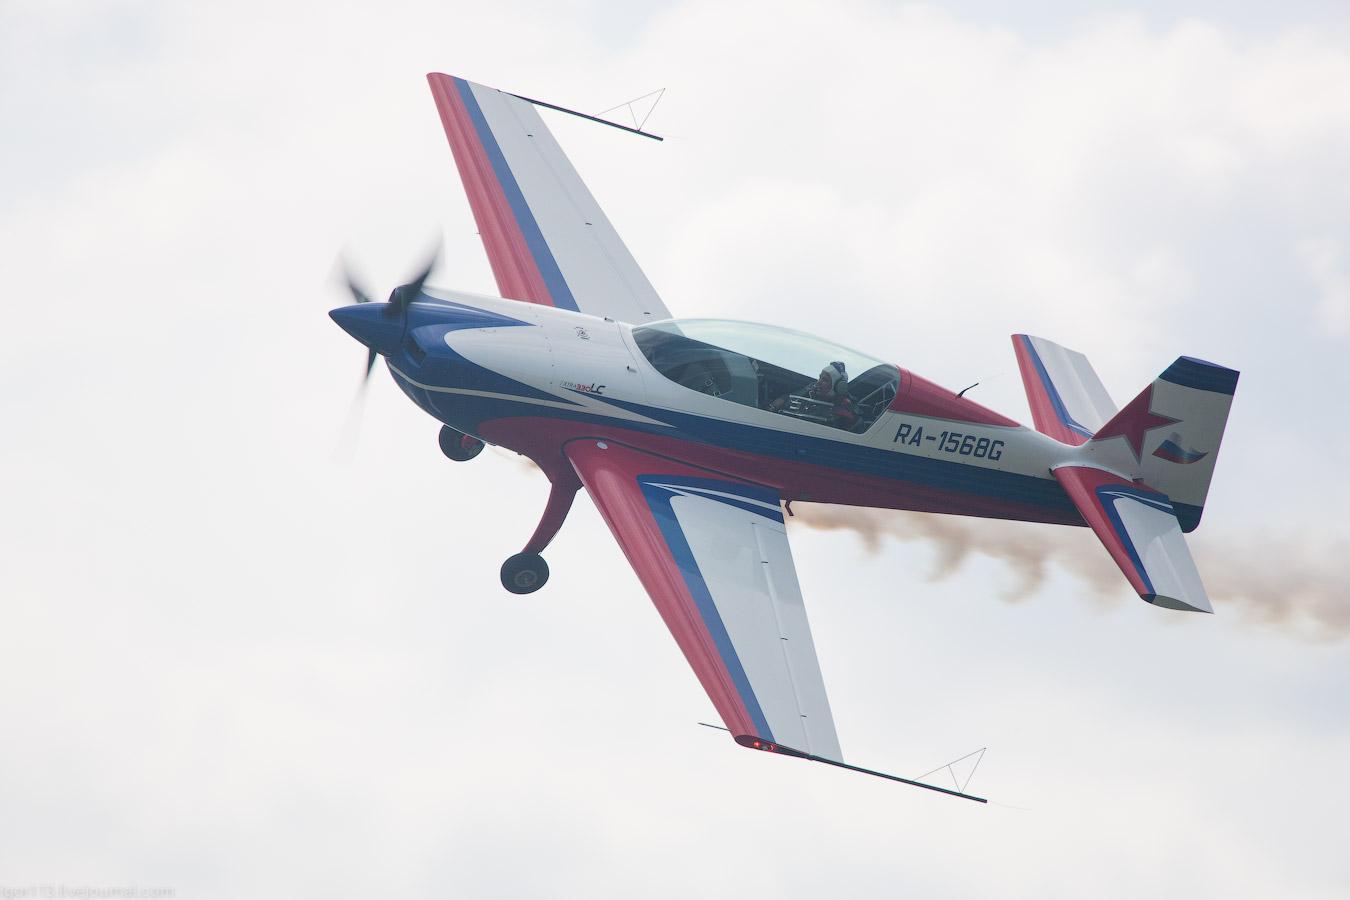 KIL_8995